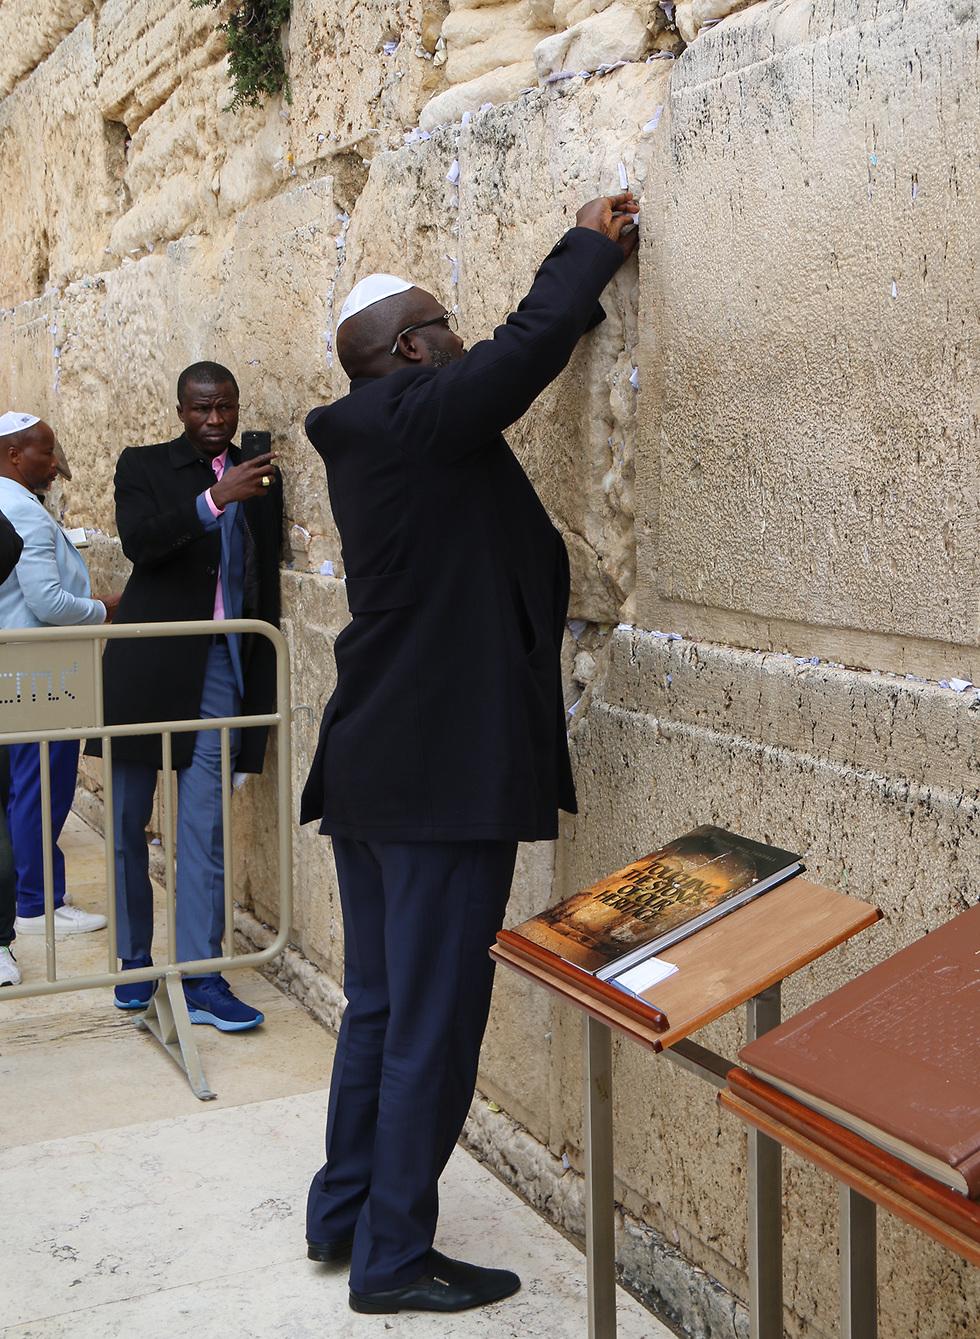 נשיא ליבריה ג'ורג וואה בביקור בכותל המערבי בירושלים (צילום: הקרן למורשת הכותל)